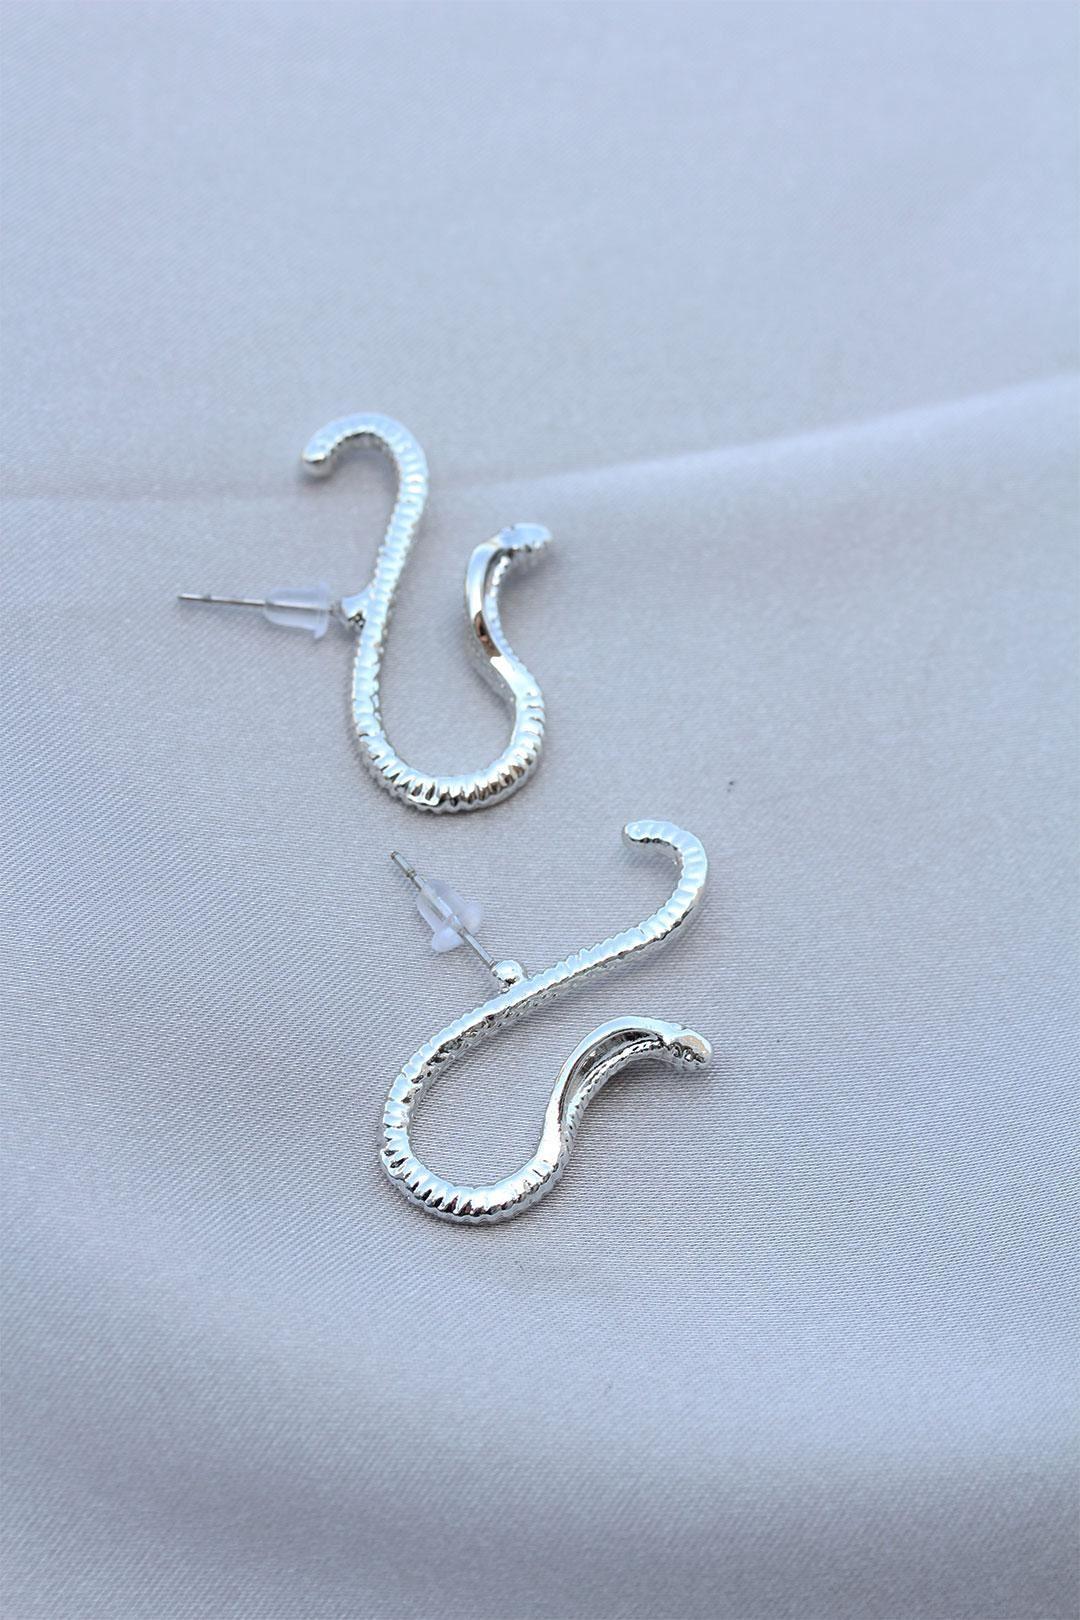 Kobra Yılan Tasarımlı Gümüş Renk Küpe